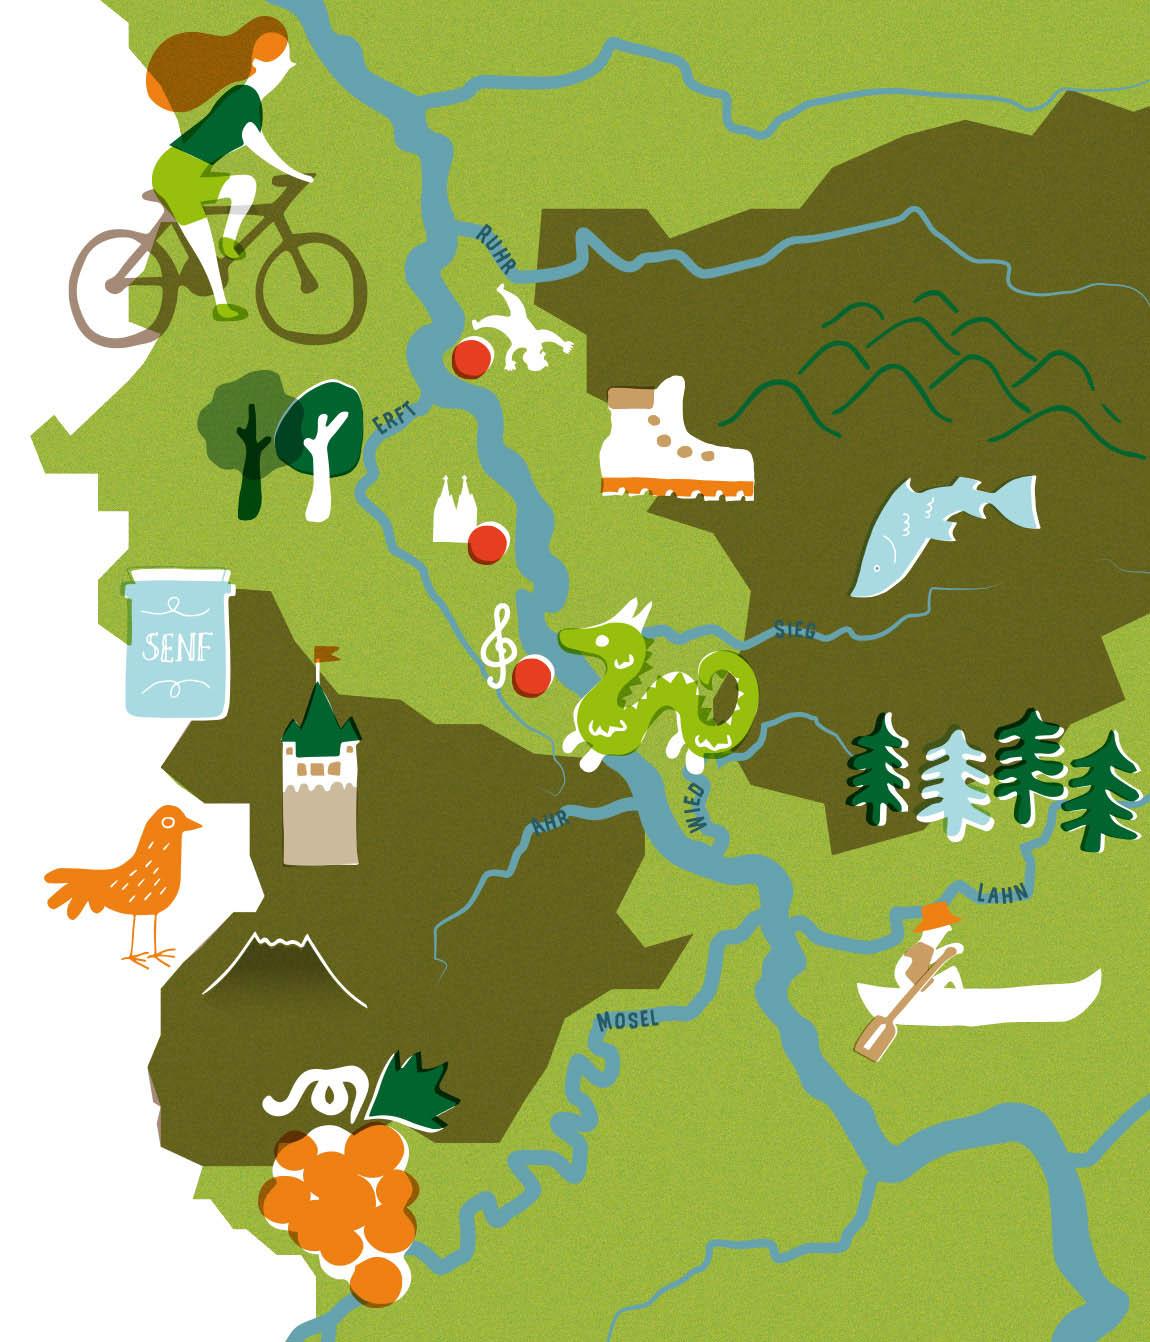 Auszeit Momente Magazin: Illustrierte Karte